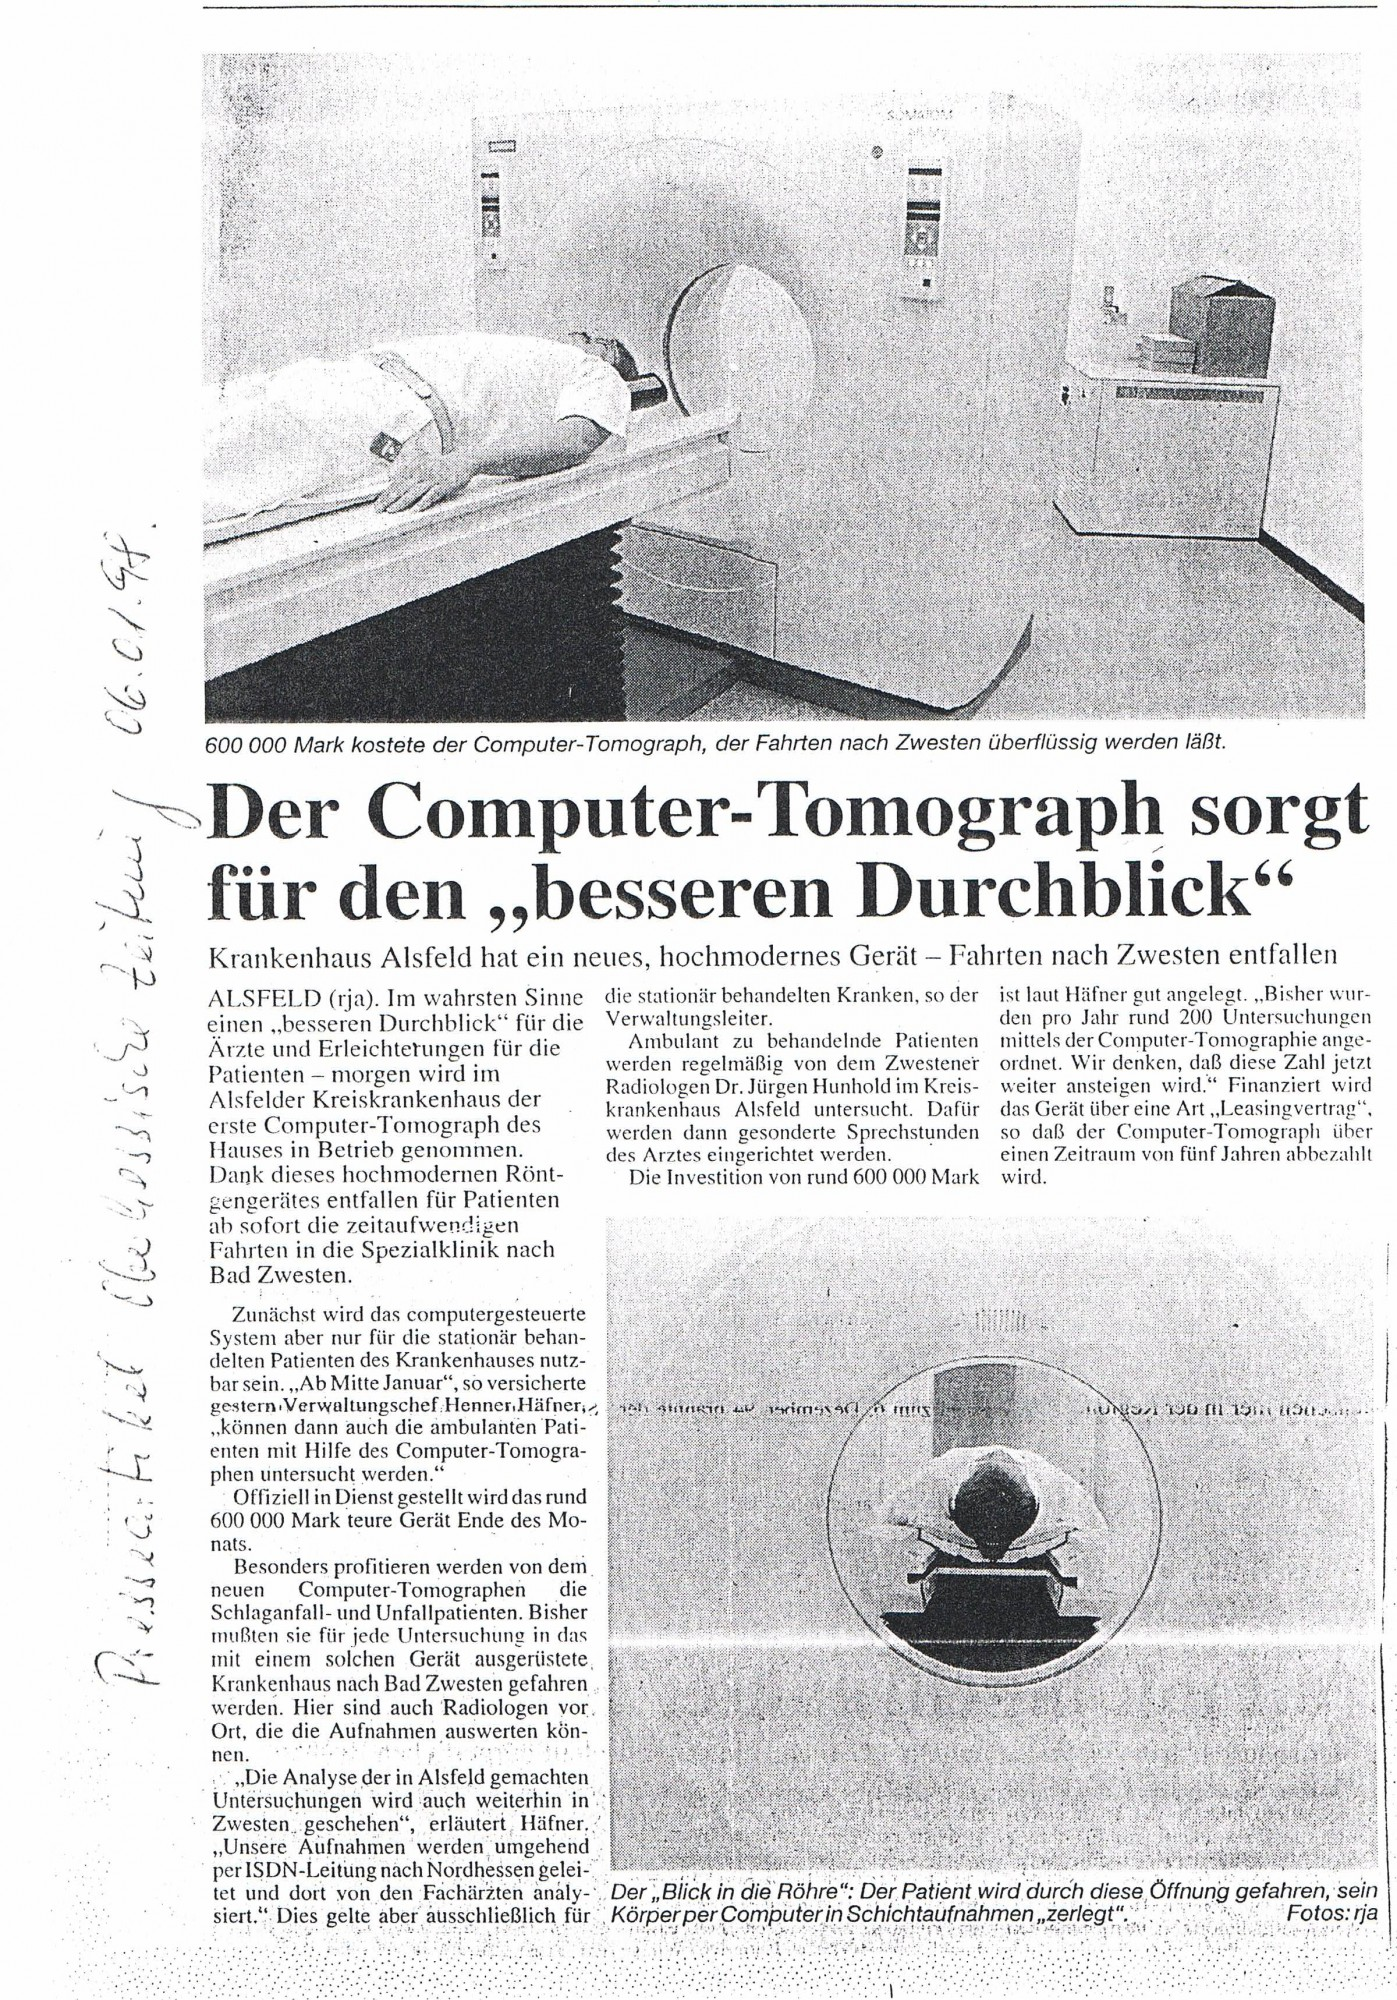 1998-01-06 Der Computer-Tomograph sorgt für den besseren Durchblick-001